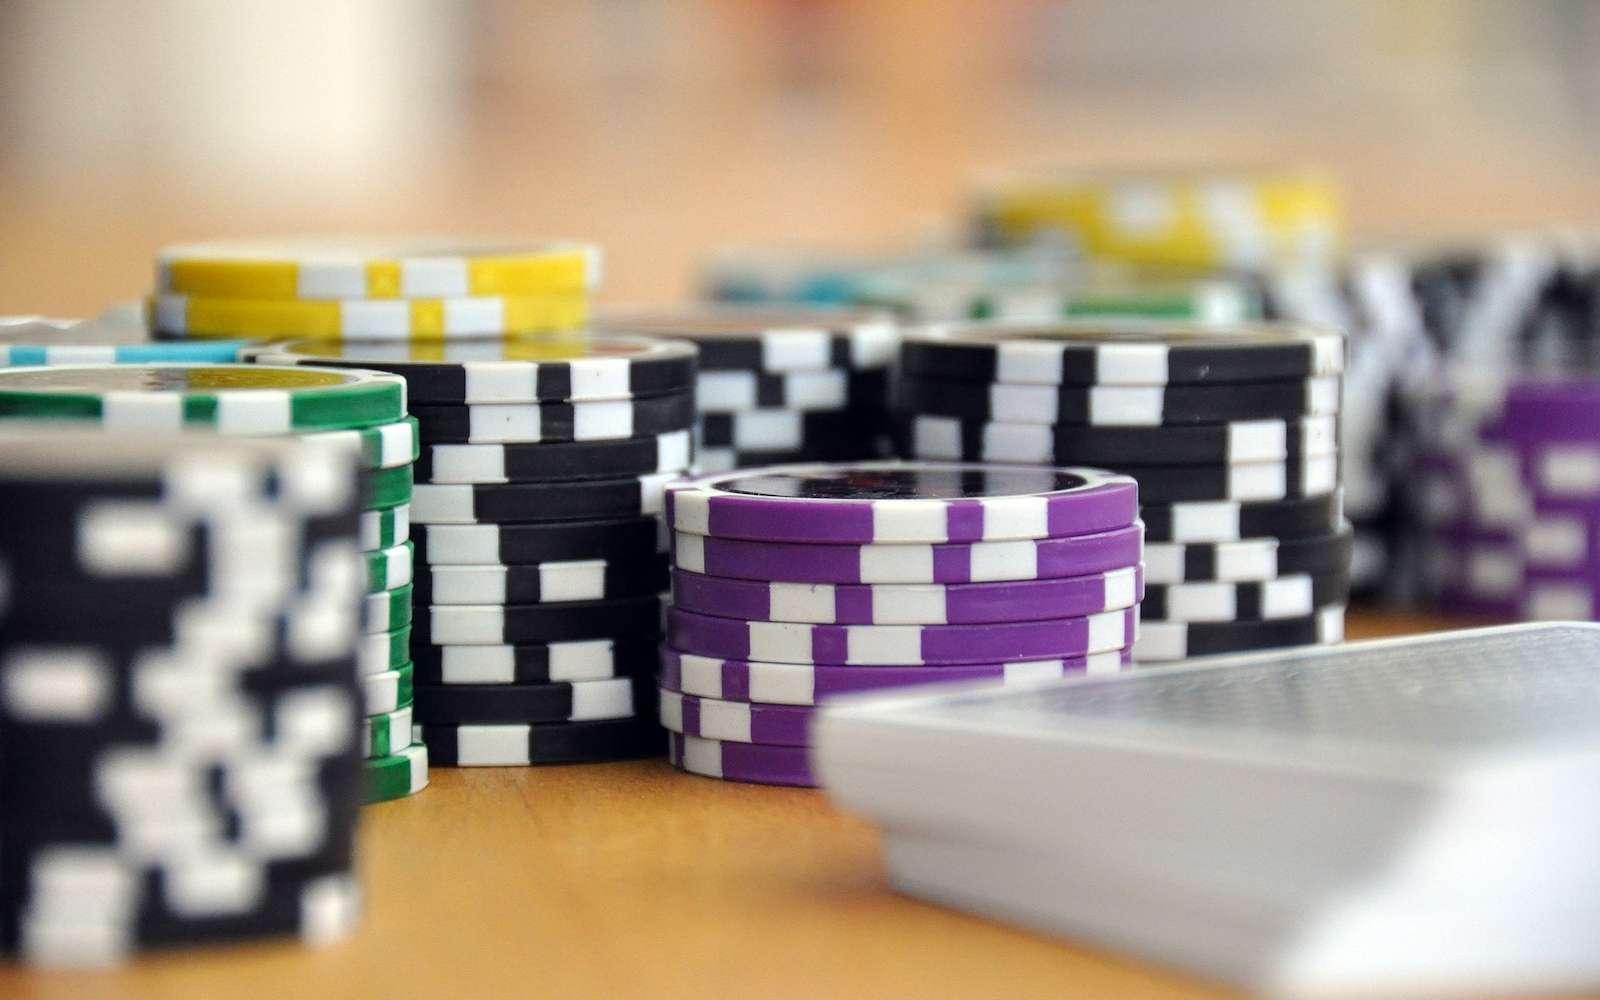 Jusqu'à présent, l'IA n'était pas capable de dominer les humains dans une partie multi-joueurs. © Fielperson, Pixabay